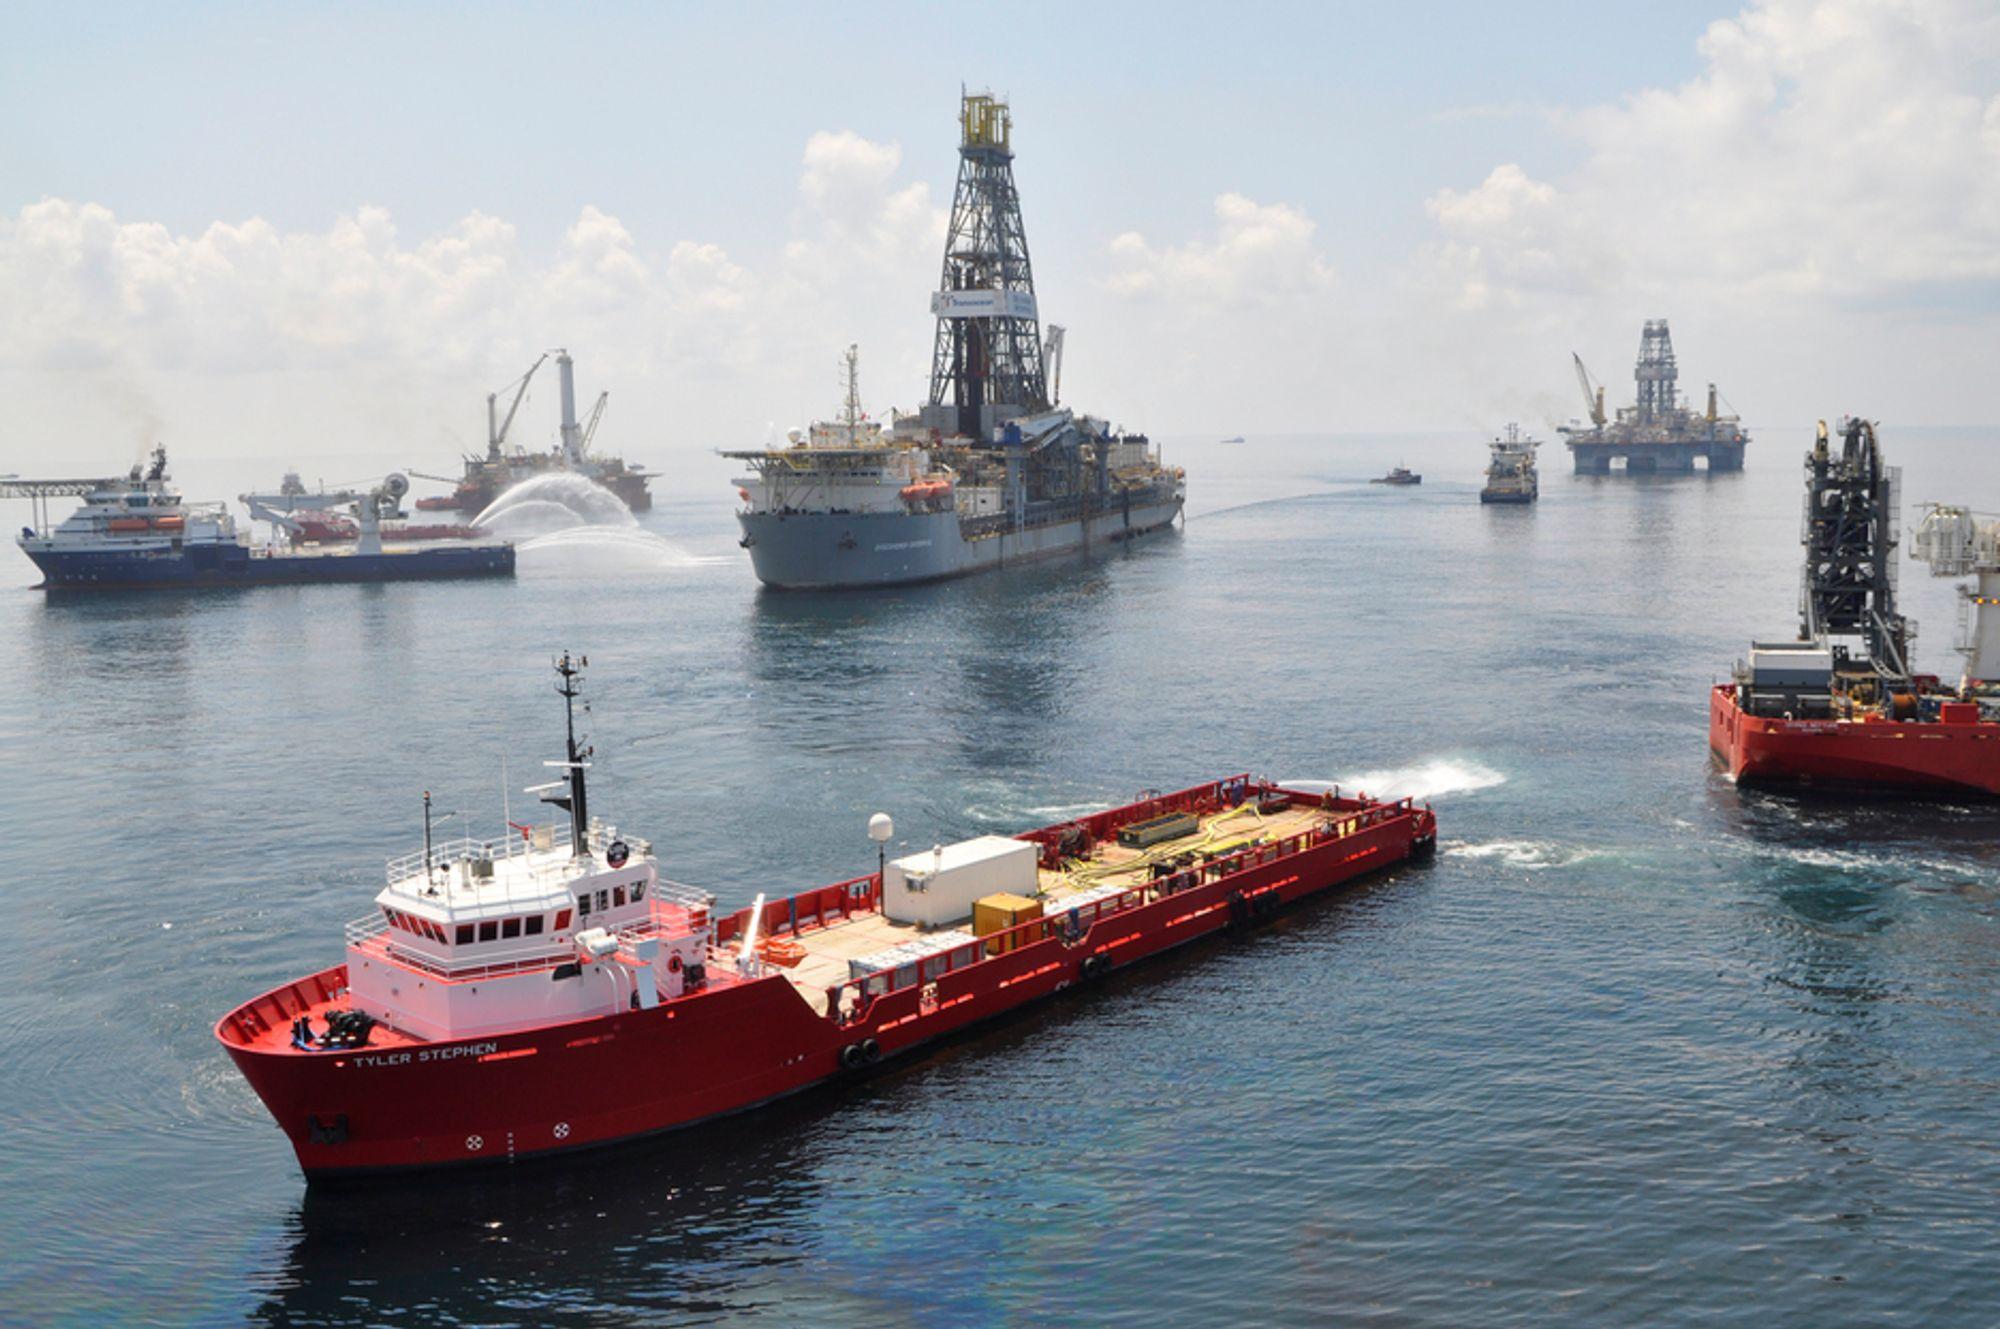 KATASTROFE: Skip og borerigger brukes til å bore avlastningsbrønner og samle opp mest mulig olje fra den mislykkede brønnen.